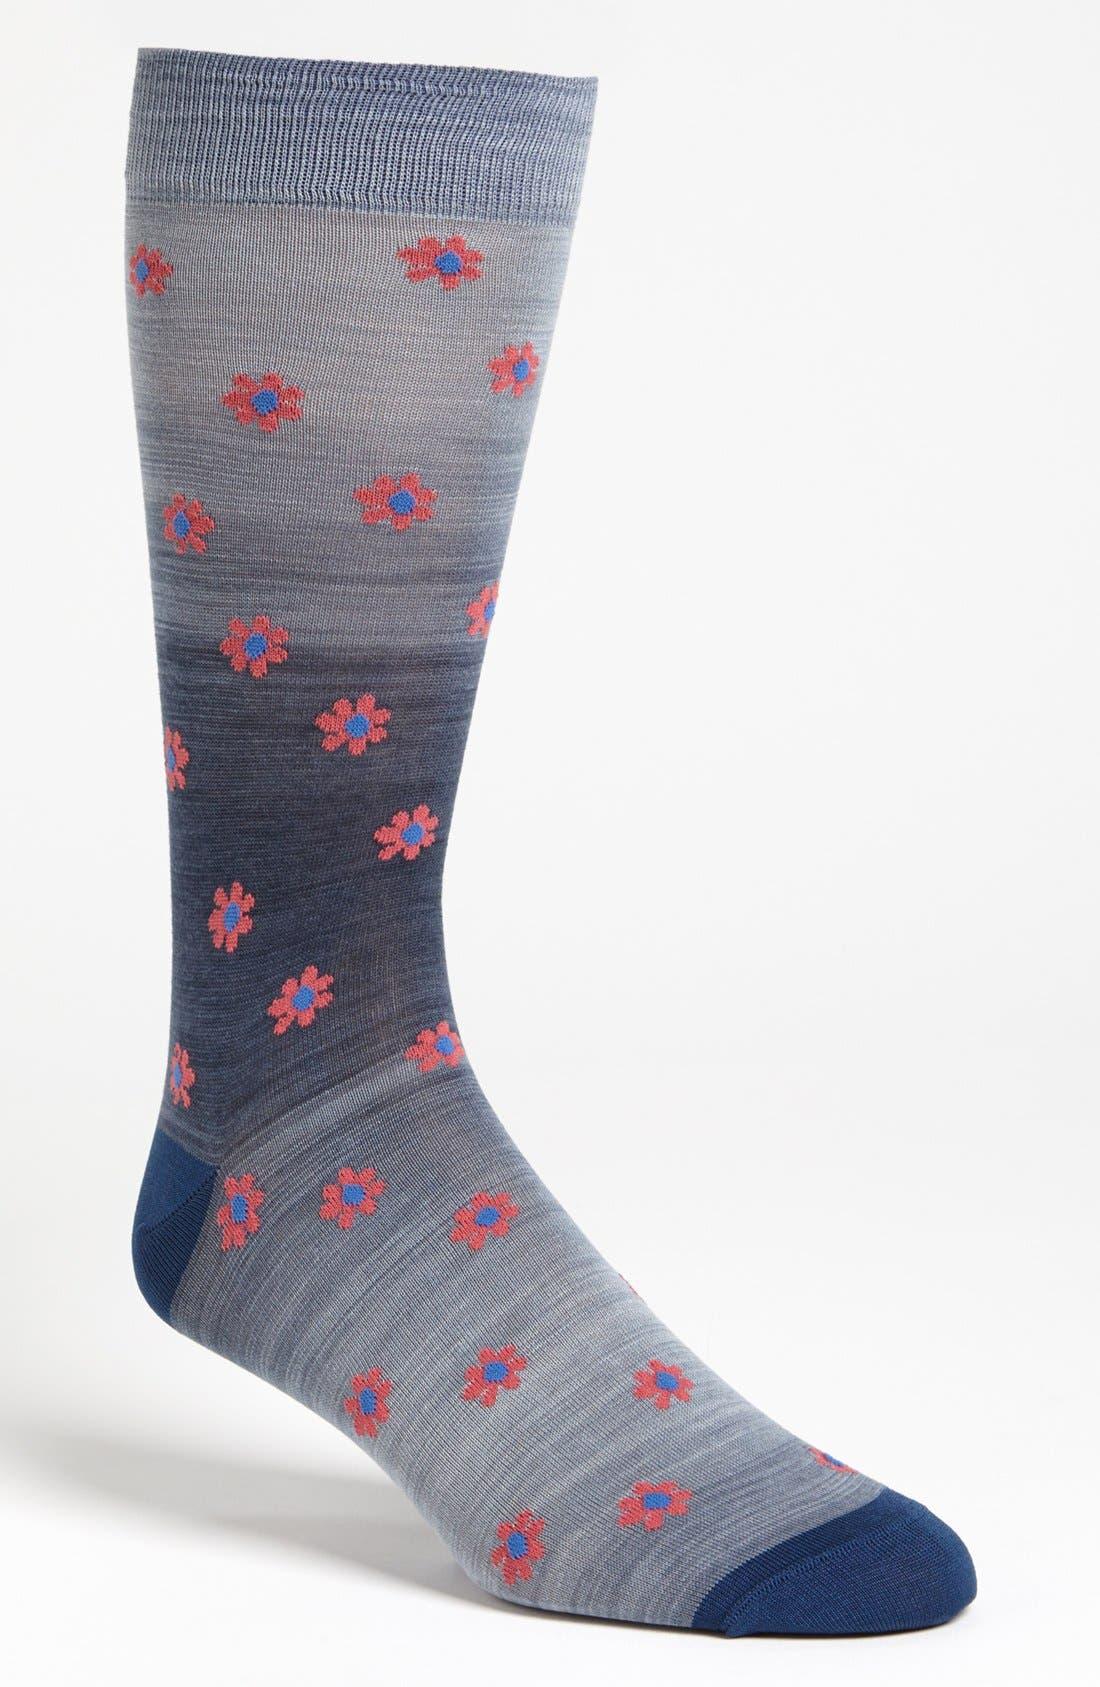 Main Image - Marcoliani 'Delave' Floral Socks